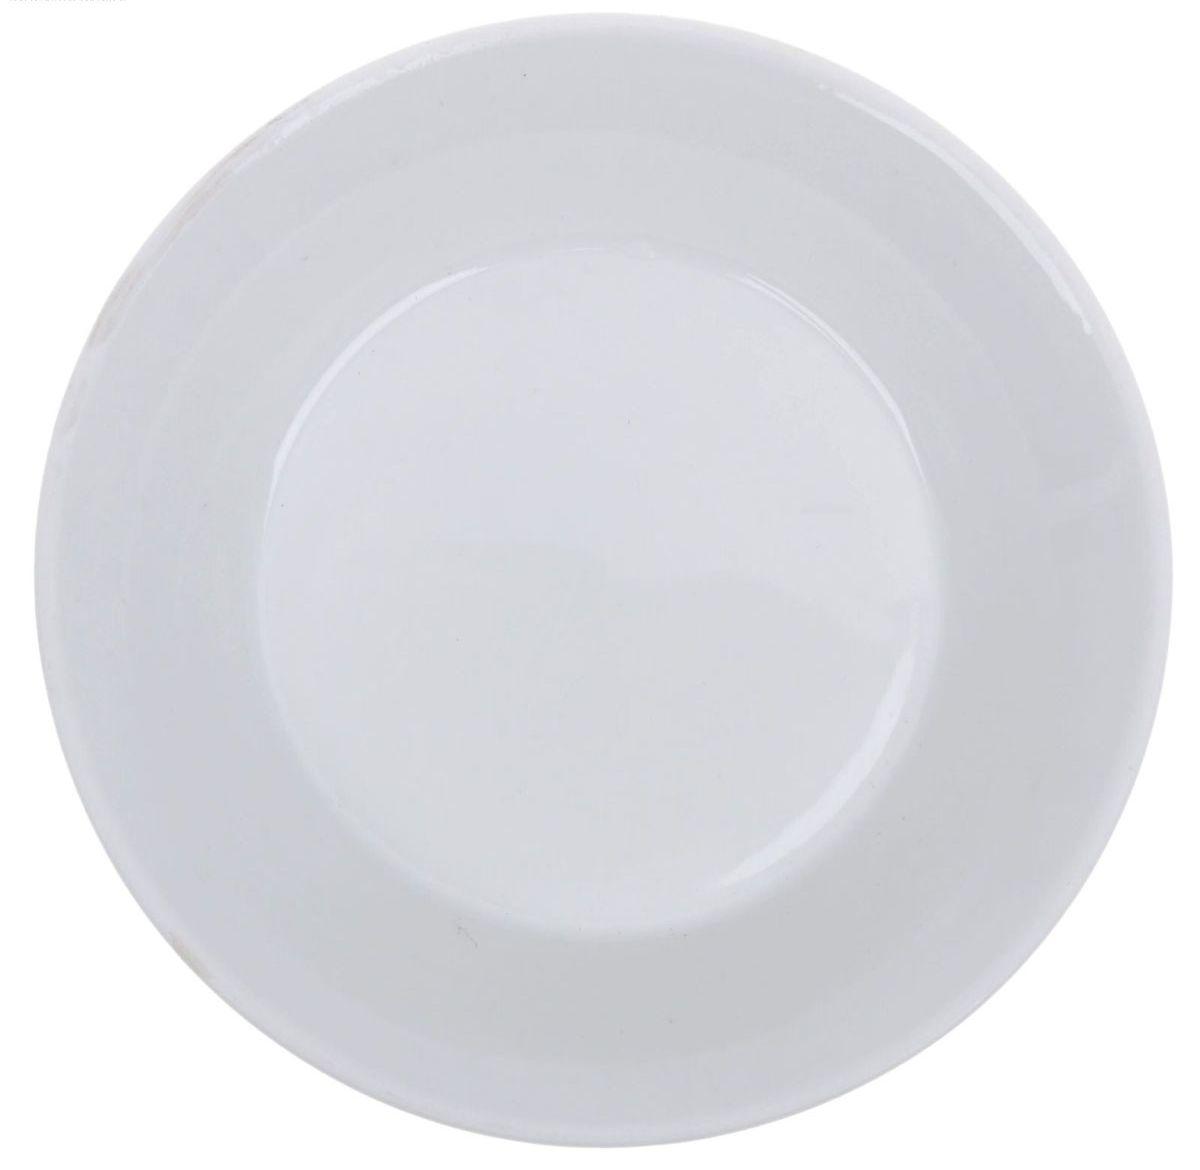 Блюдце Добрушский фарфоровый завод Белье, диаметр 14 см0С0450Блюдце Добрушский фарфоровый завод Белье, выполненное из высококачественного фарфора, имеет классическуюкруглую форму.Диаметр блюдца (по верхнему краю): 14 см.